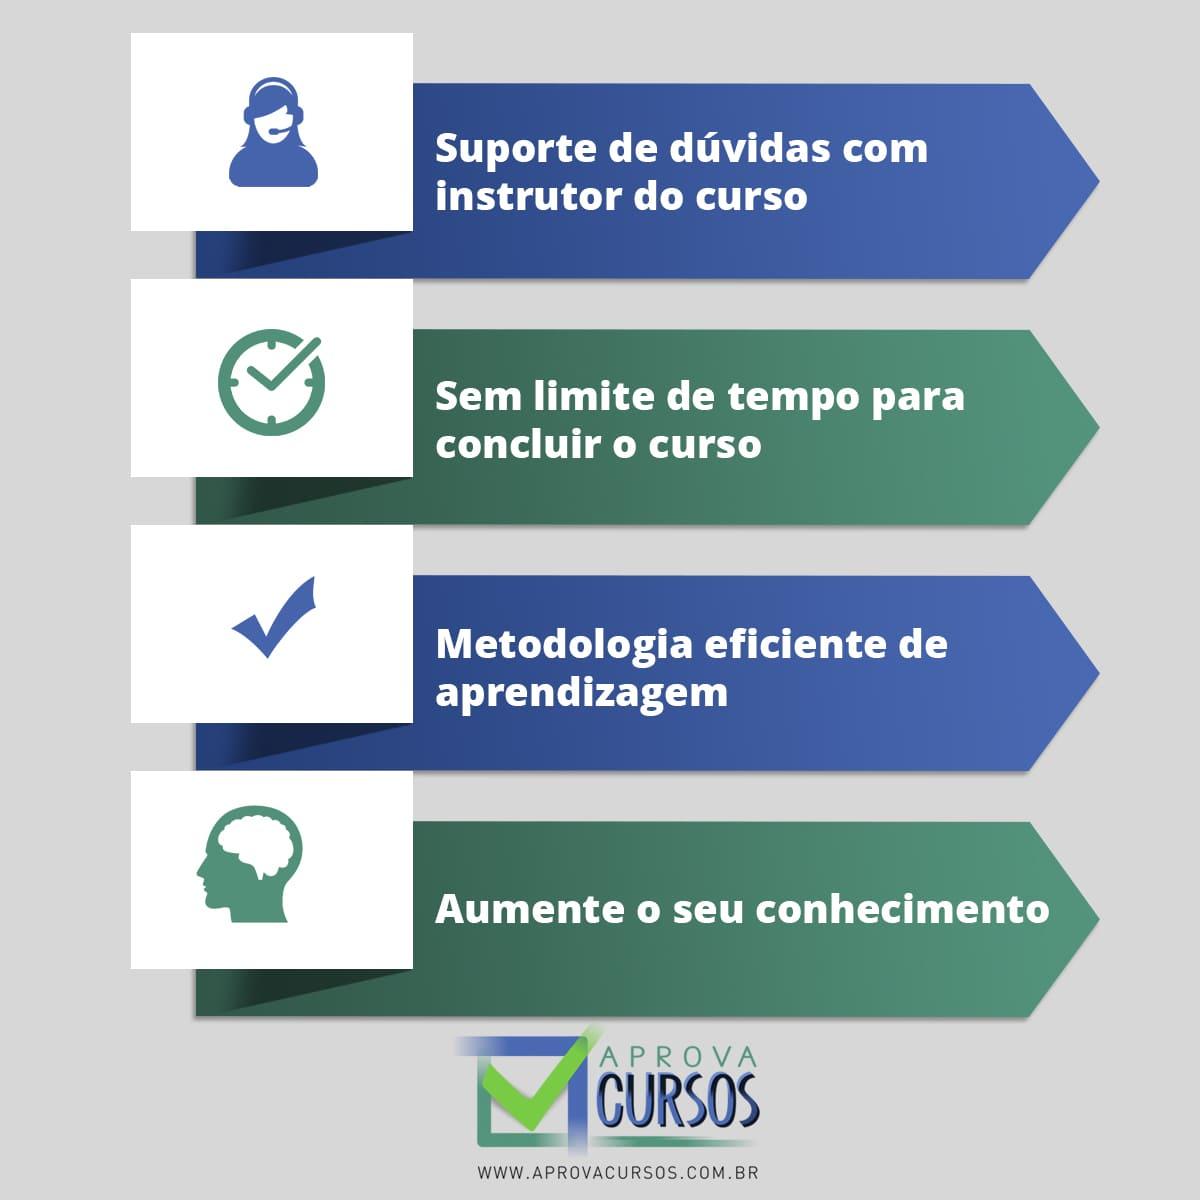 Curso Online de Logística para Iniciantes com Certificado  - Aprova Cursos